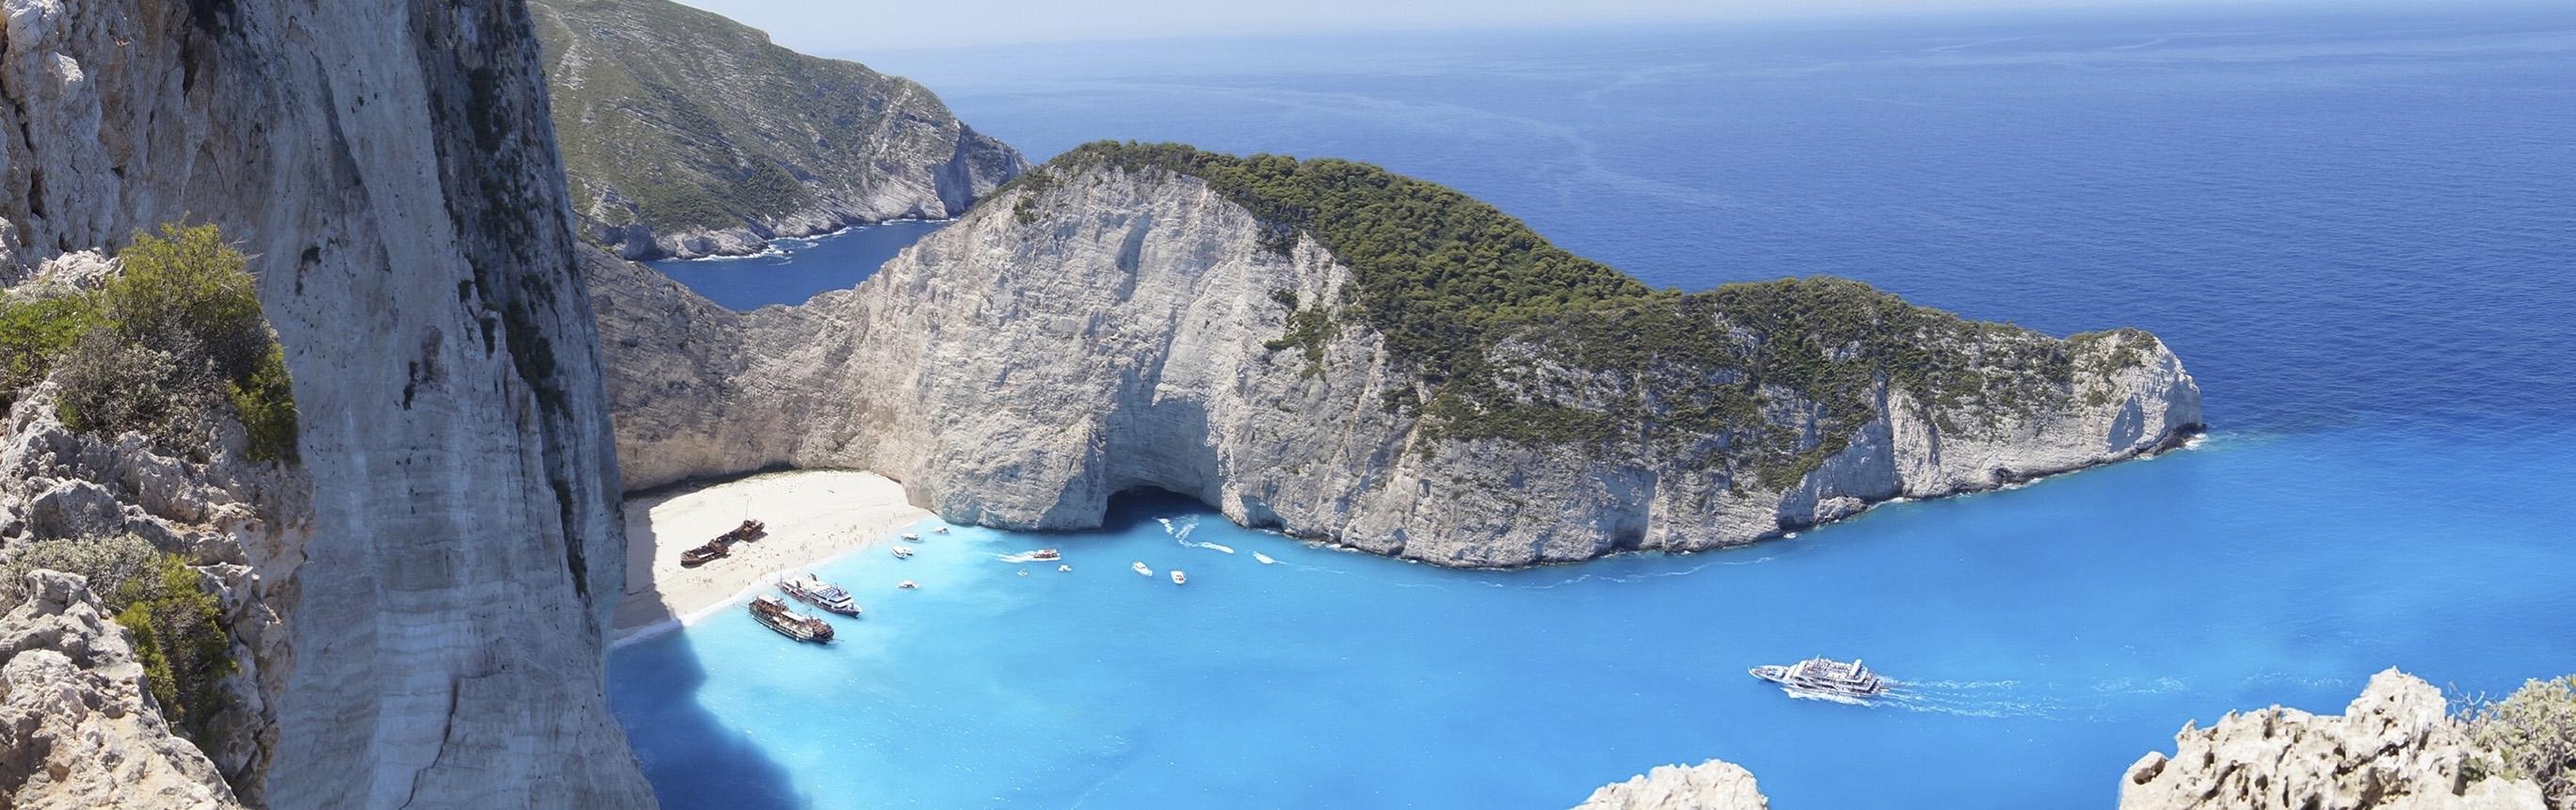 vacation in greece zakynthos